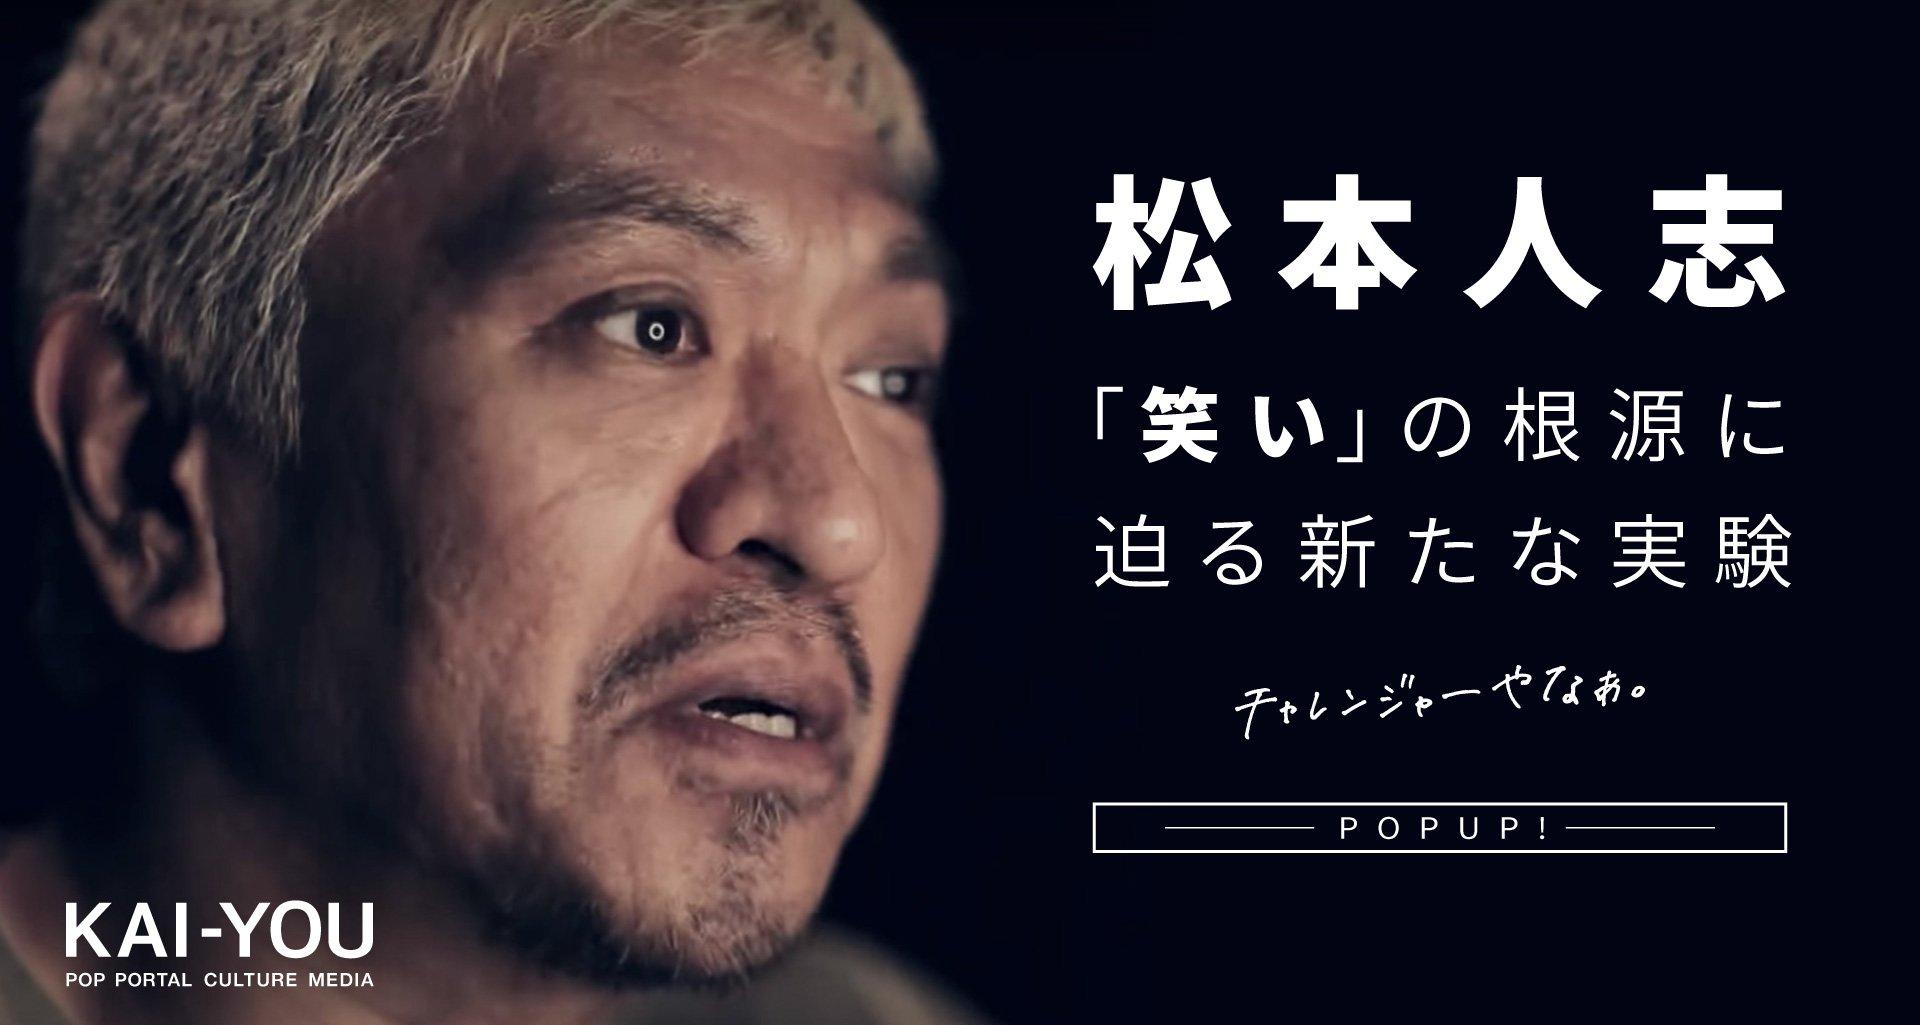 松本人志『FREEZE』で見せる新境地 「何もしない」が笑える理由